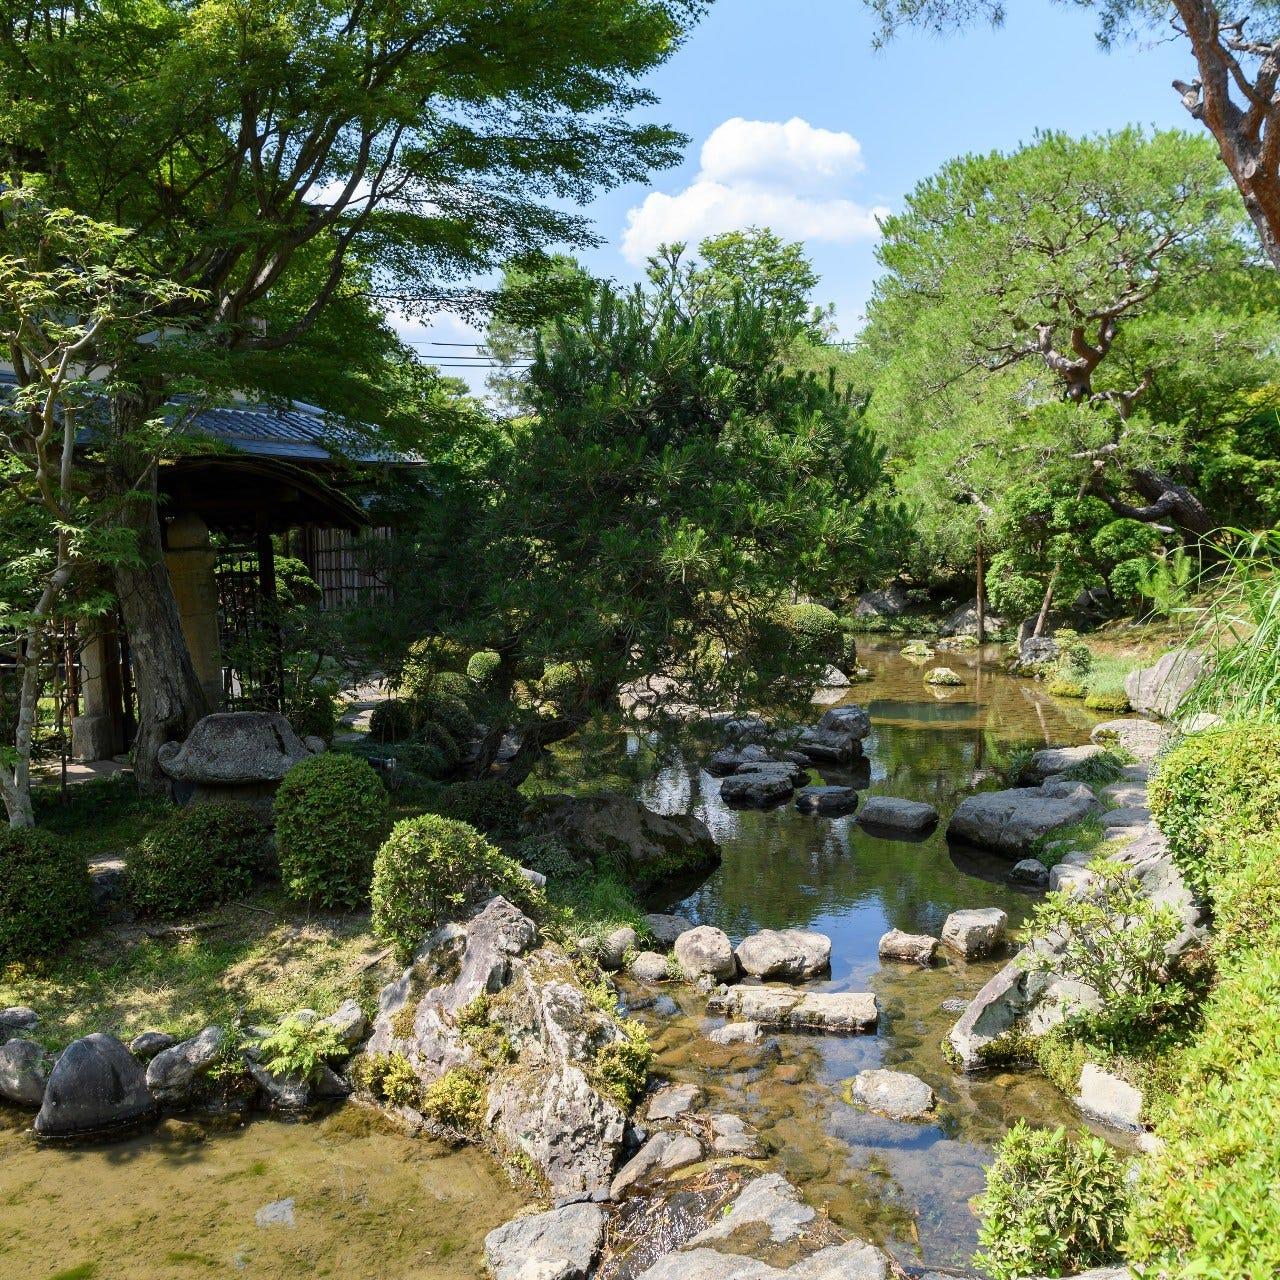 【通常非公開】 7代目小川治兵作の日本庭園を御散策頂けます。